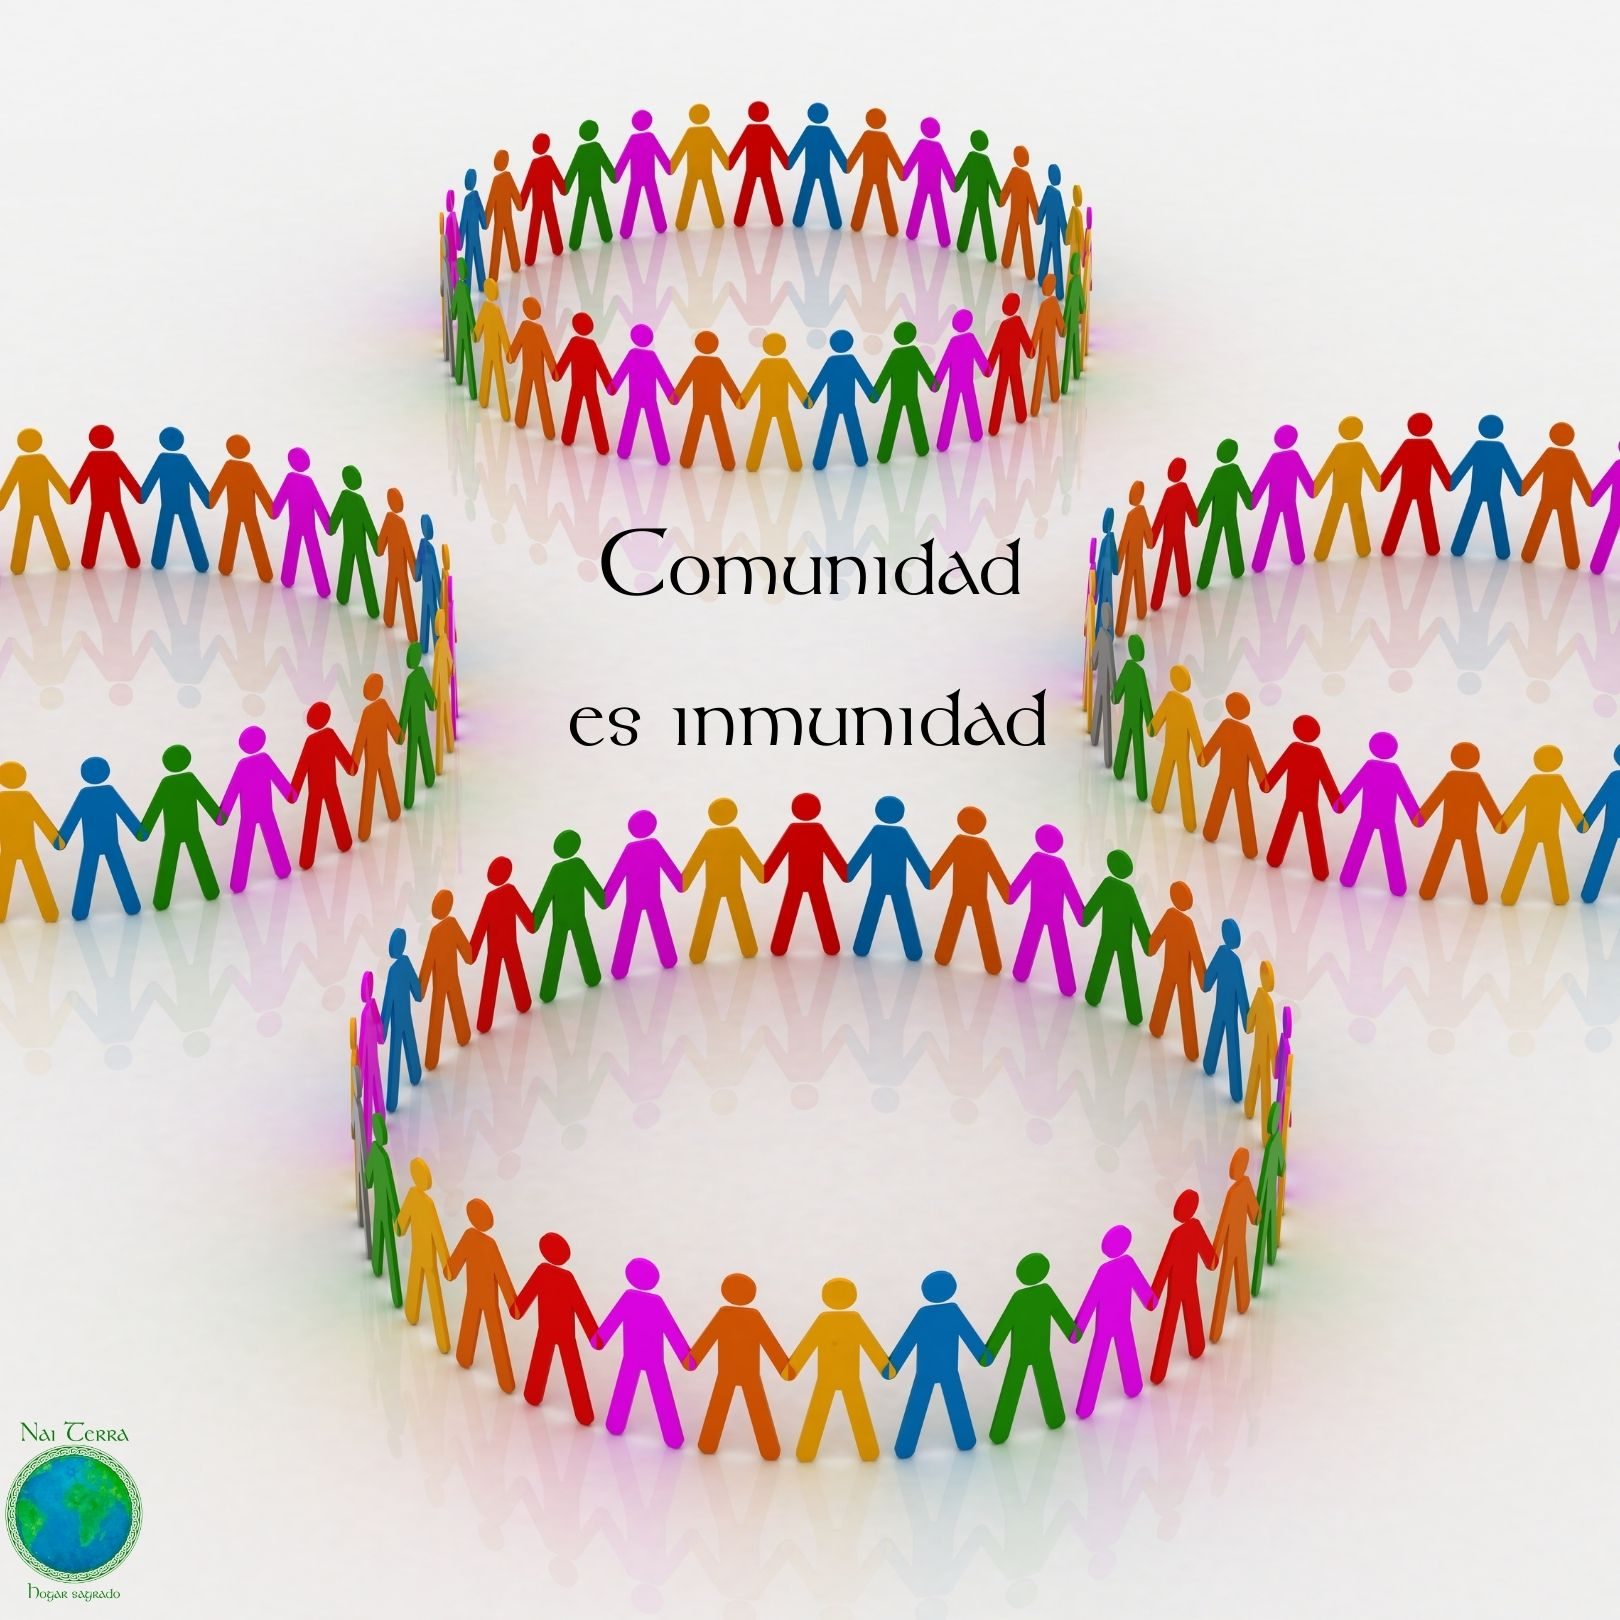 comunidad es inmunidad,